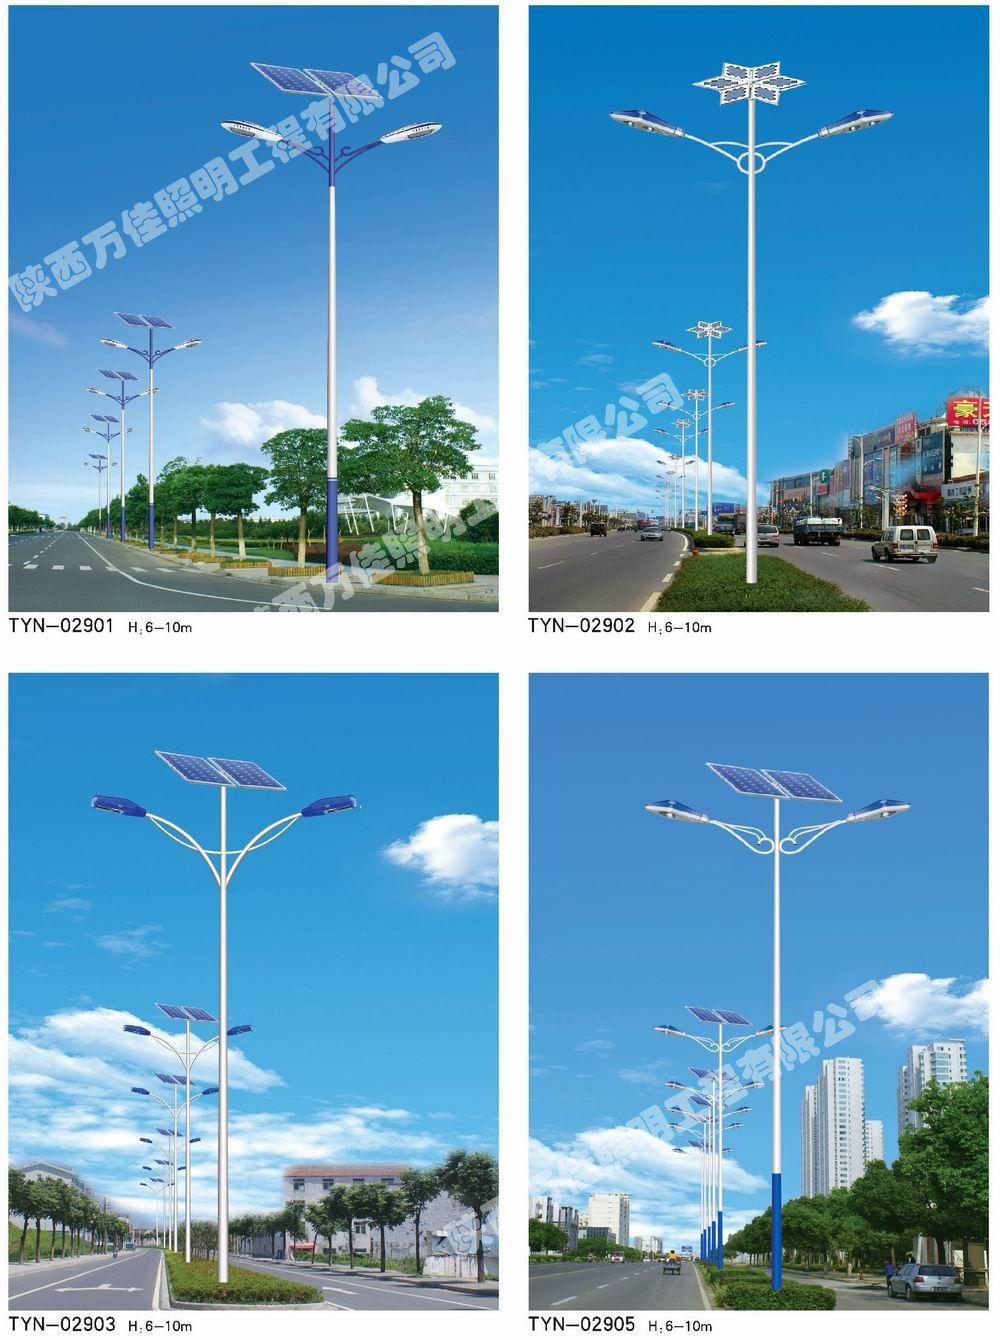 小編給大家分享路燈的安裝方法以及需要注意的事項